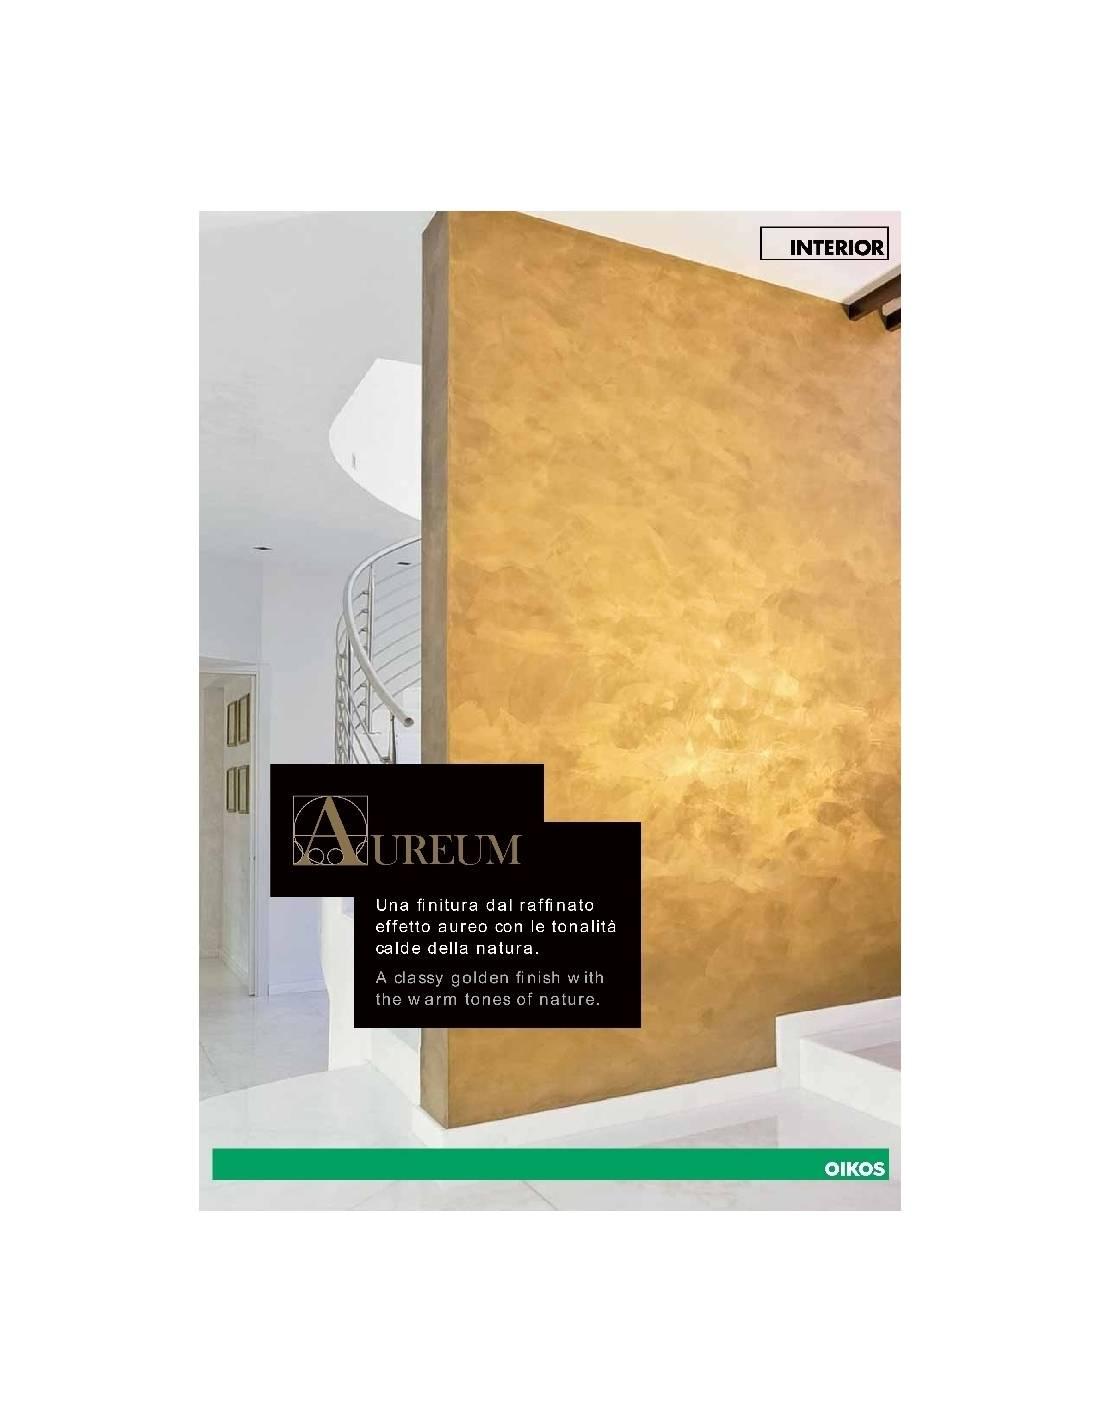 Cartella colori oikos aureum for Oikos pitture cartella colori